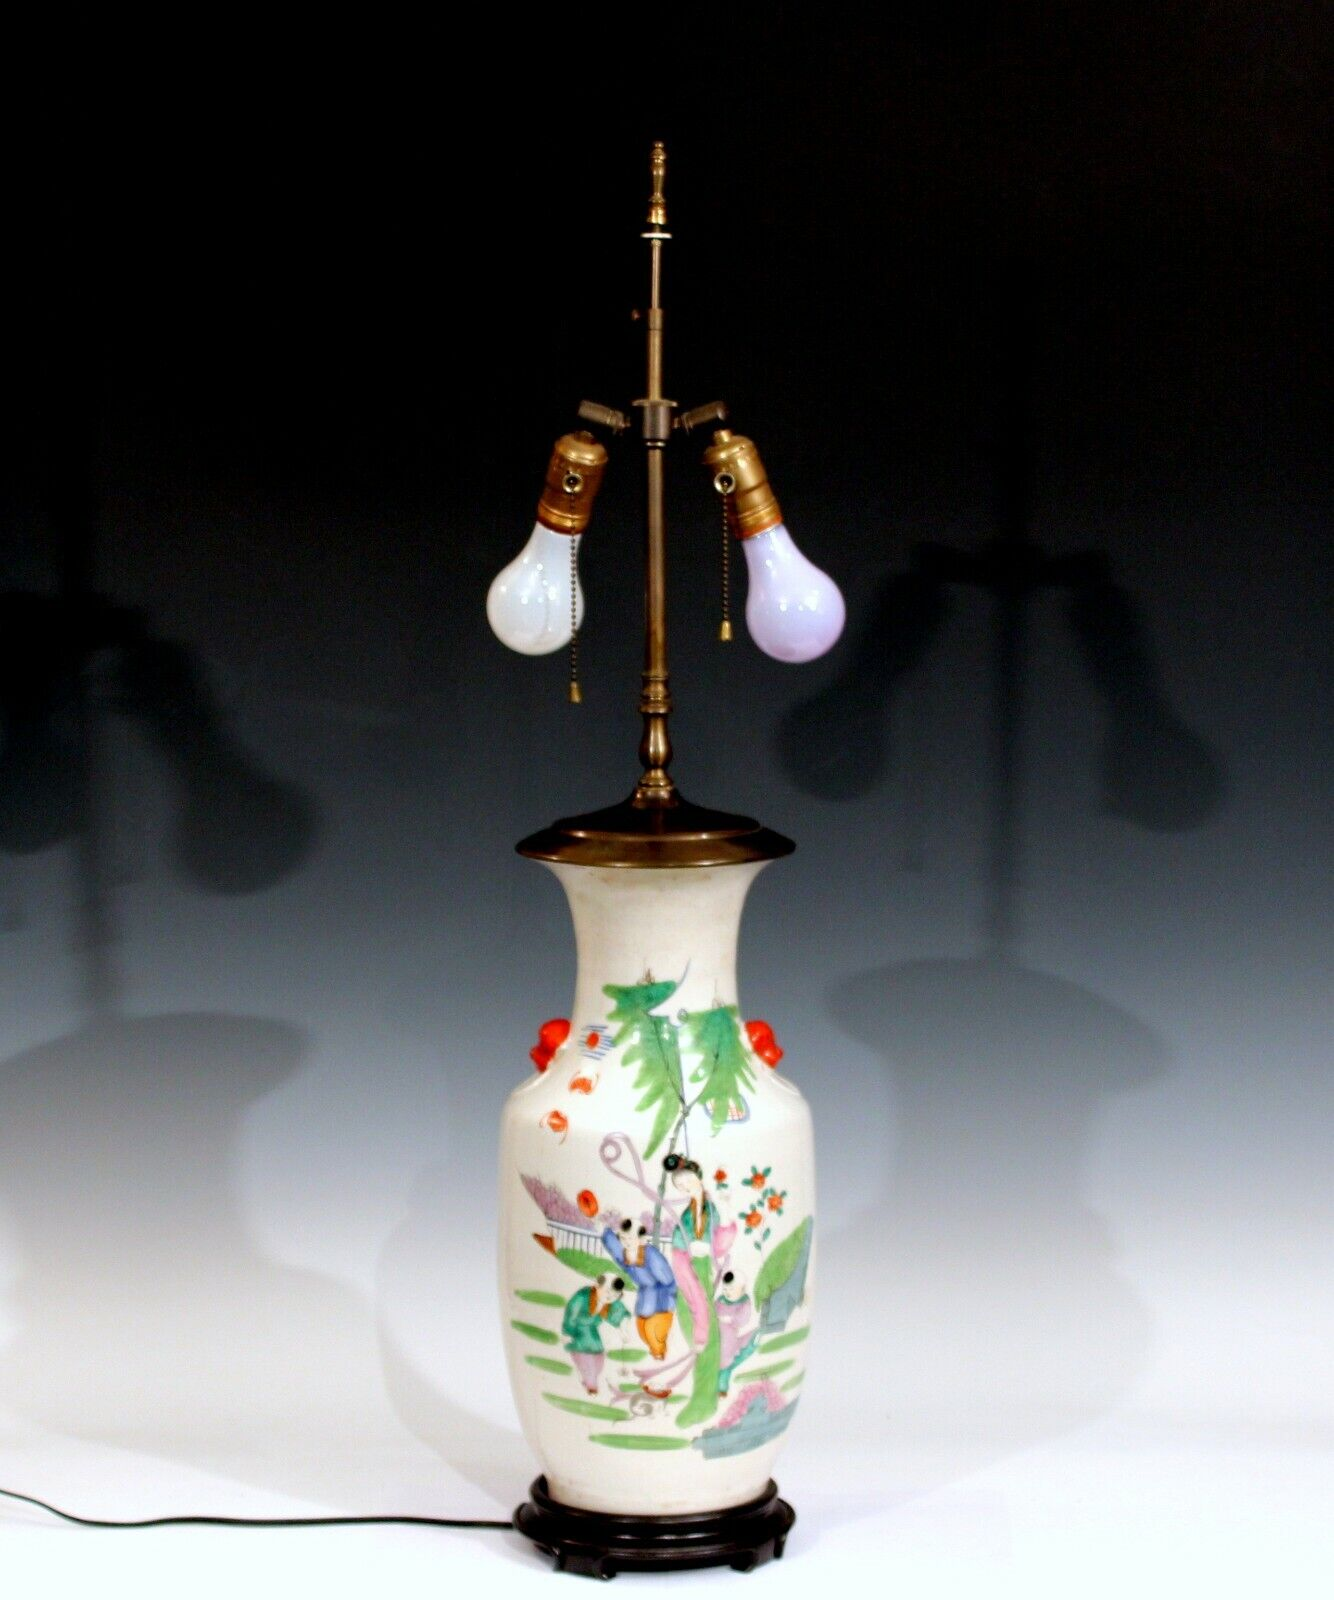 Antique Chinese Porcelain Vase Vintage Lamp Large Old Qing Children Cat Figures